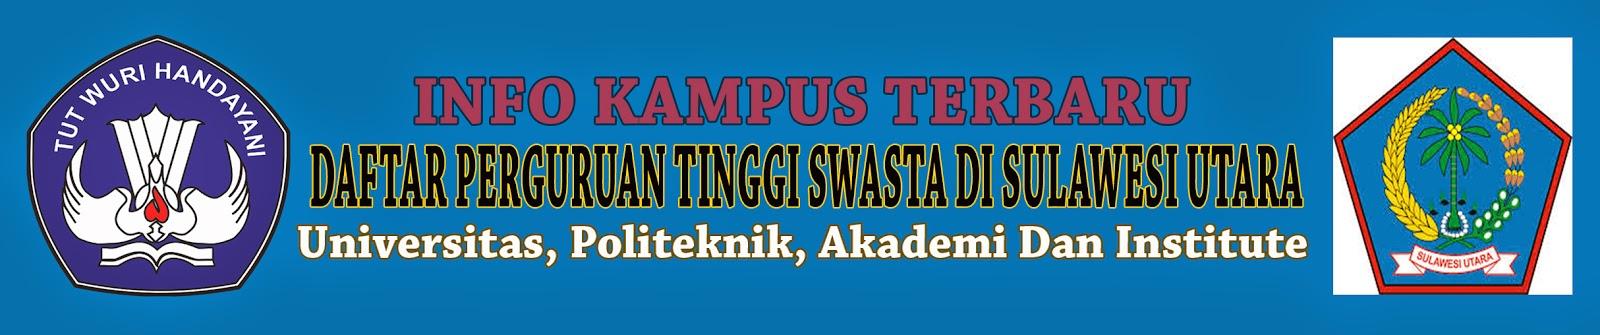 Daftar Perguruan Tinggi Swasta Di Sulawesi Utara